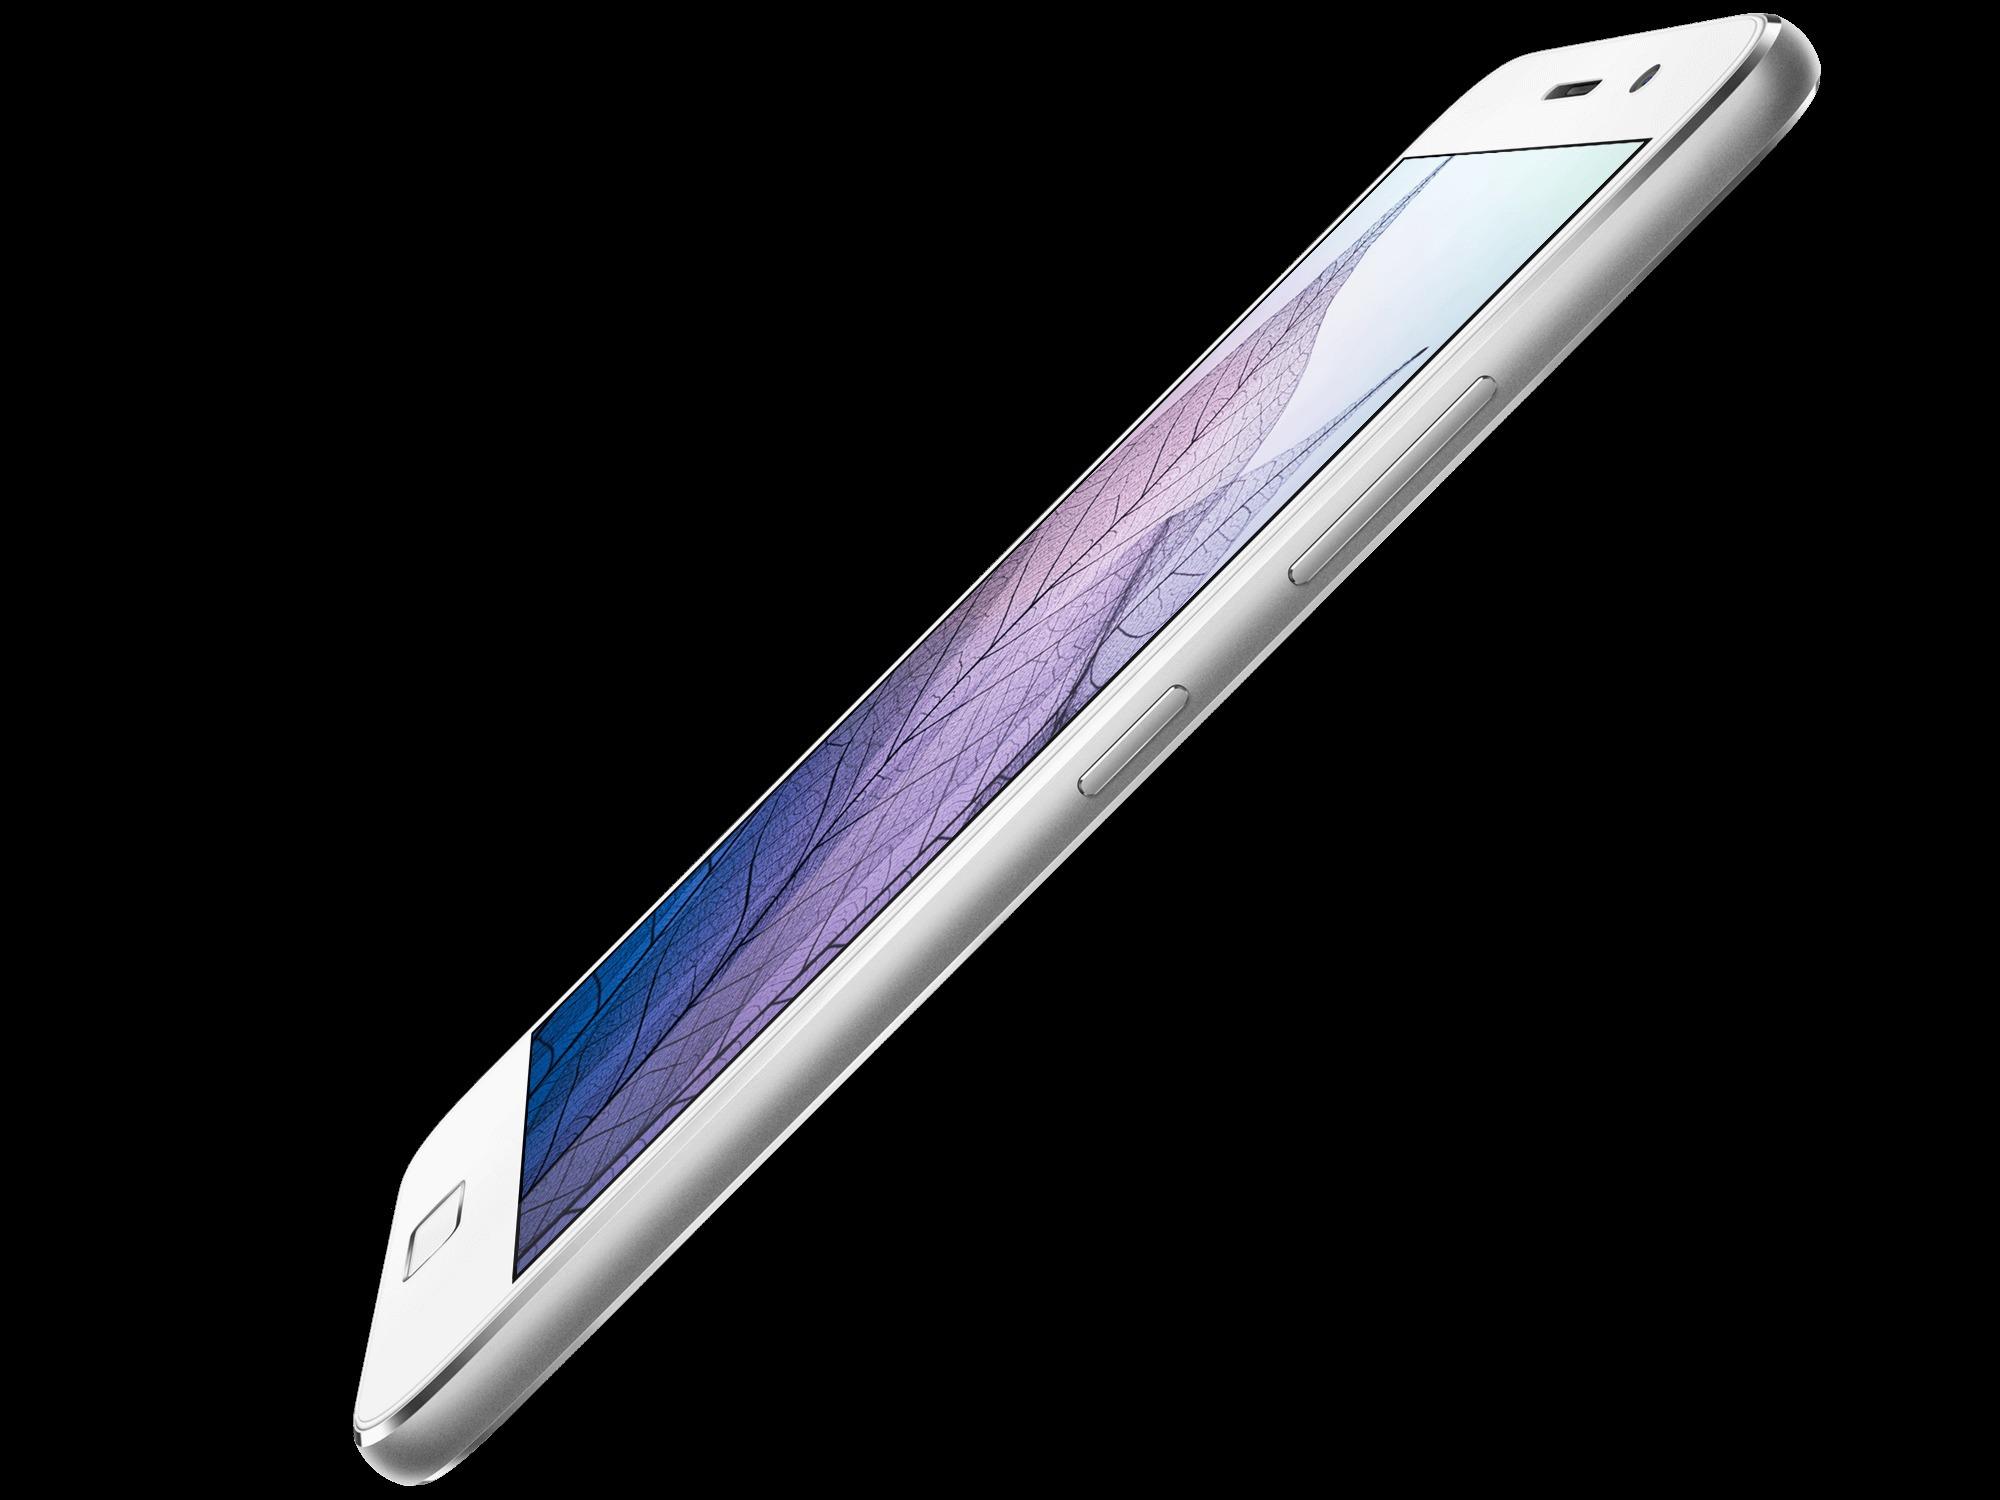 Анонсы: ZUK Z1 – мощный смартфон за $284